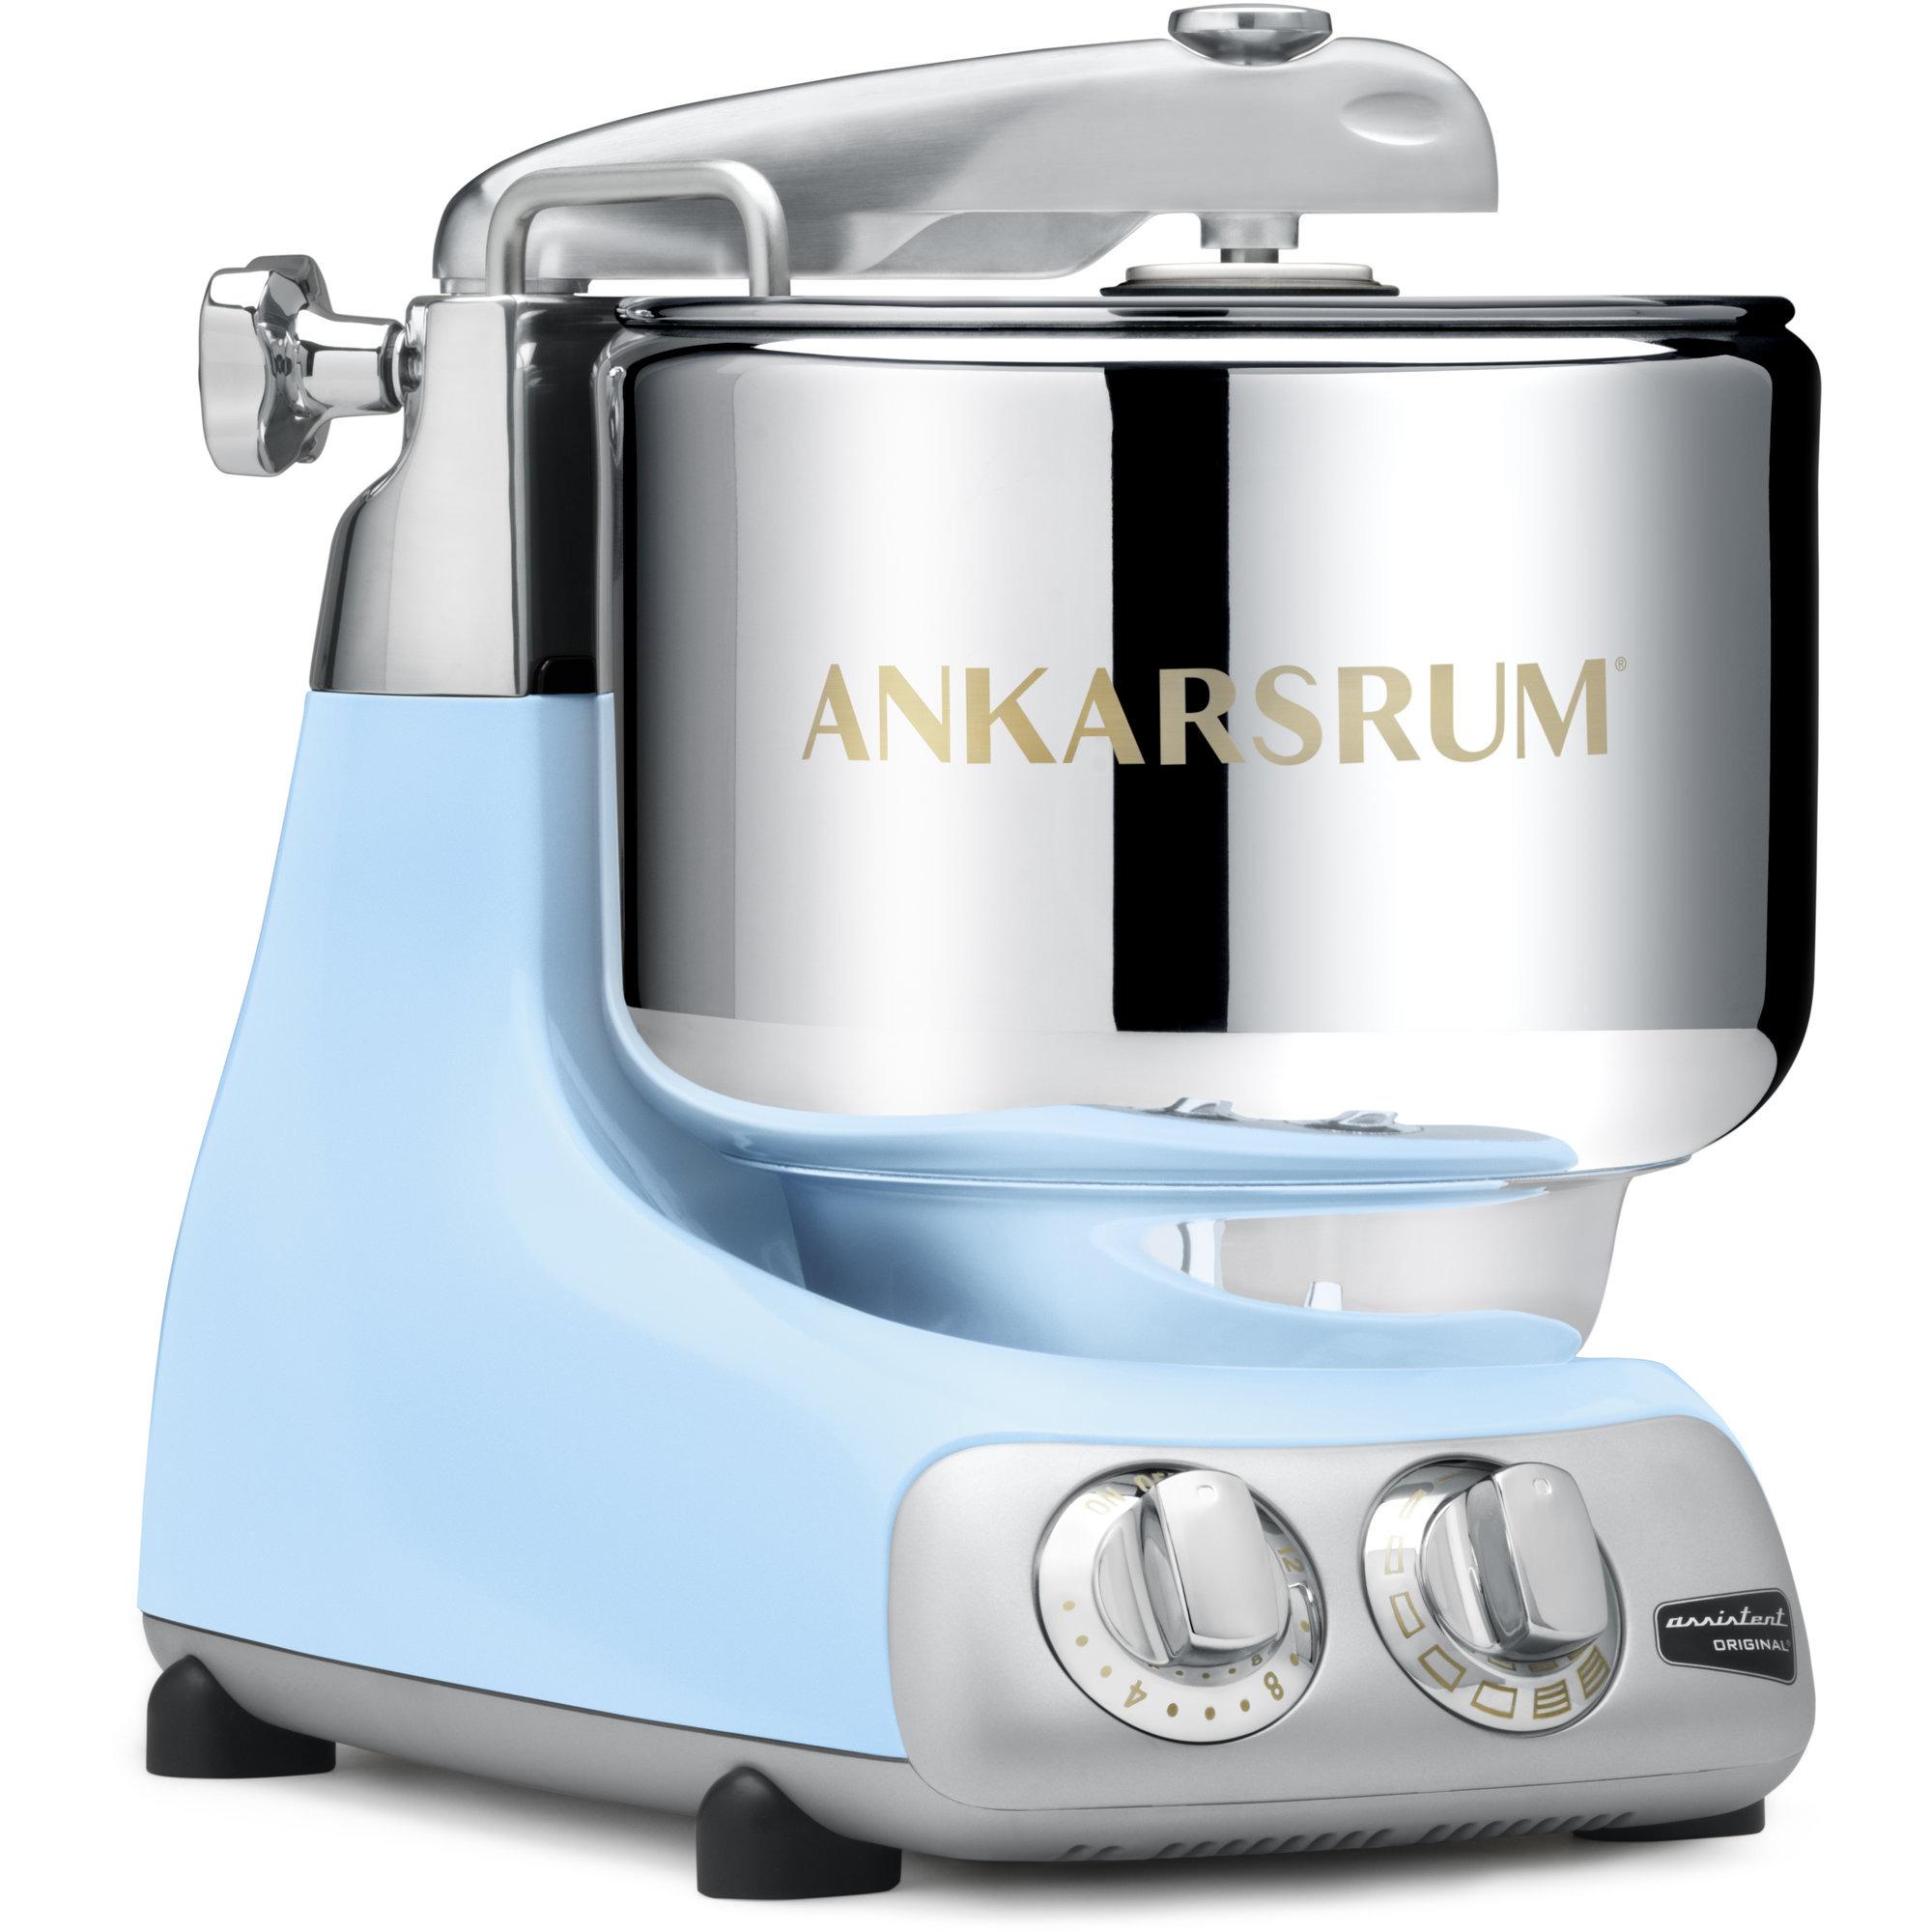 Ankarsrum Assistent Original PearlBlue AKM 6230 PB